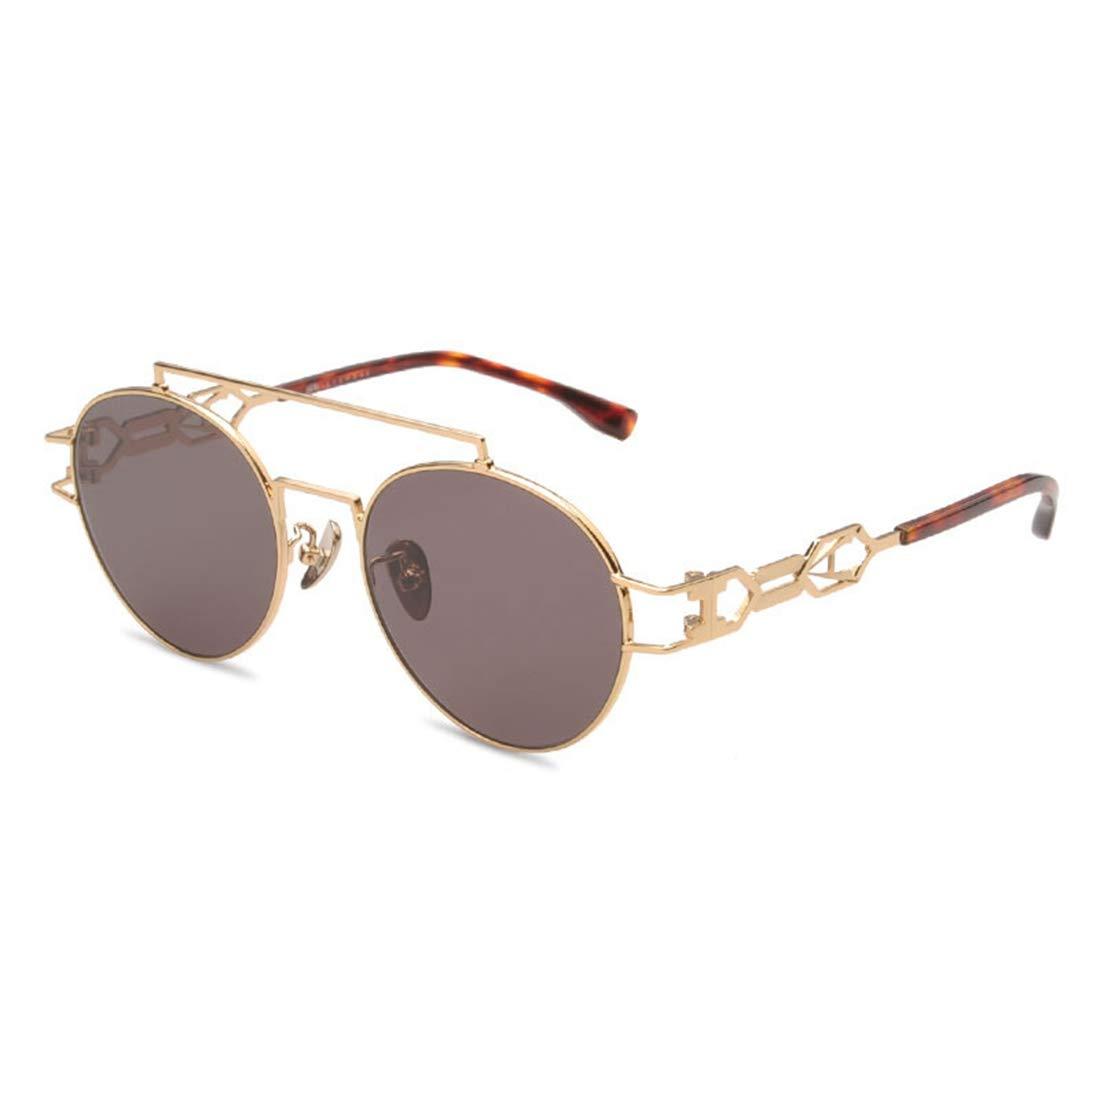 サングラス ユニークな女性用メタルサングラス偏光レンズUVプロテクションビーチバケーションアウトドアサングラス。, ファッションサングラス  ゴールド B07S4MHNG9